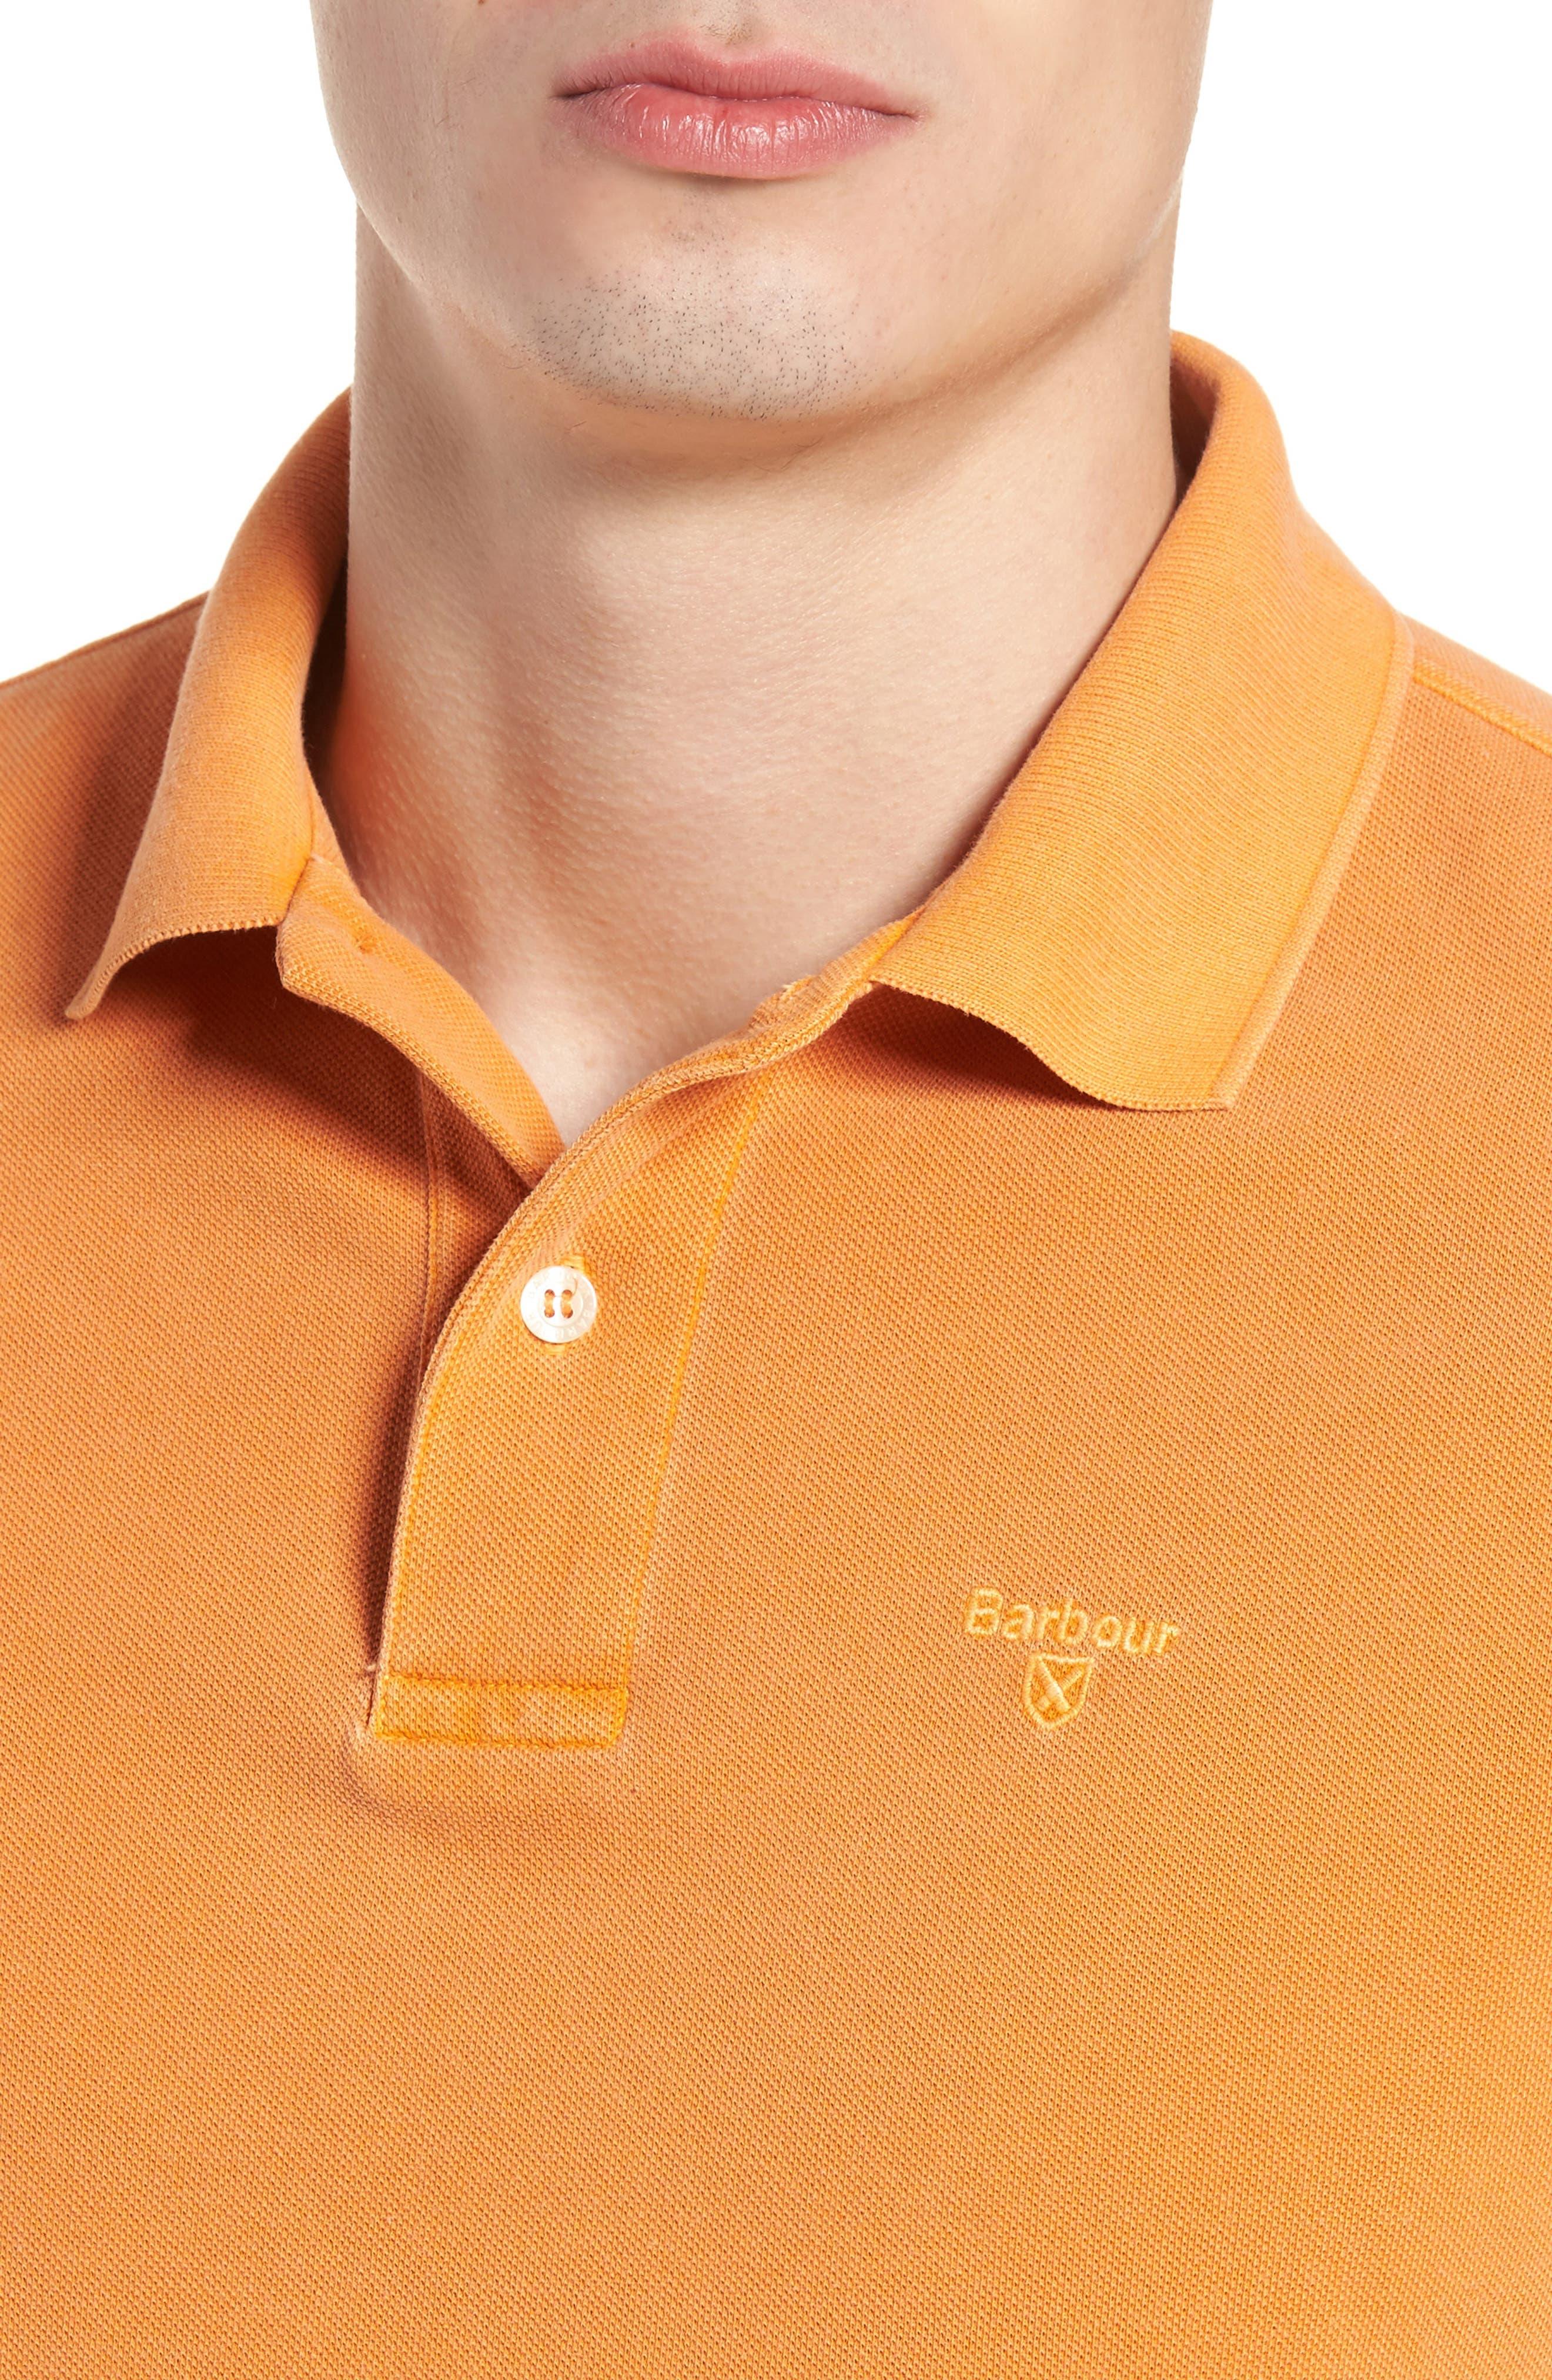 Washed Sports Polo Shirt,                             Alternate thumbnail 4, color,                             Acid Orange